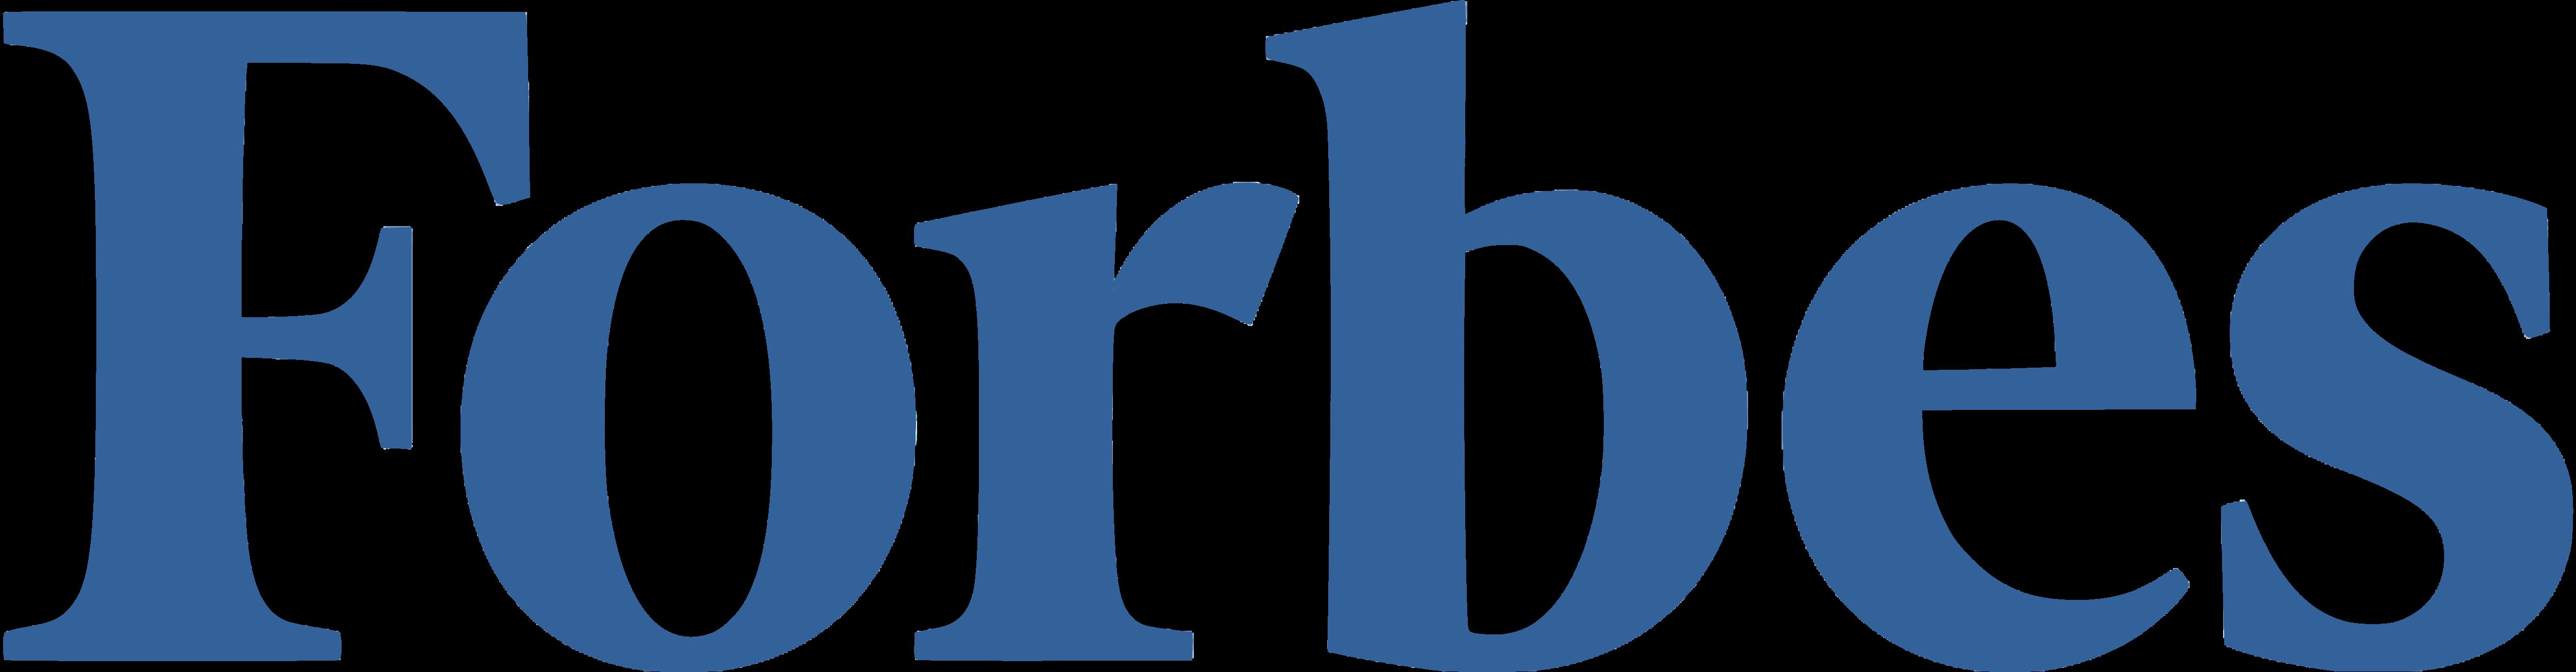 Forbes – Logos Download